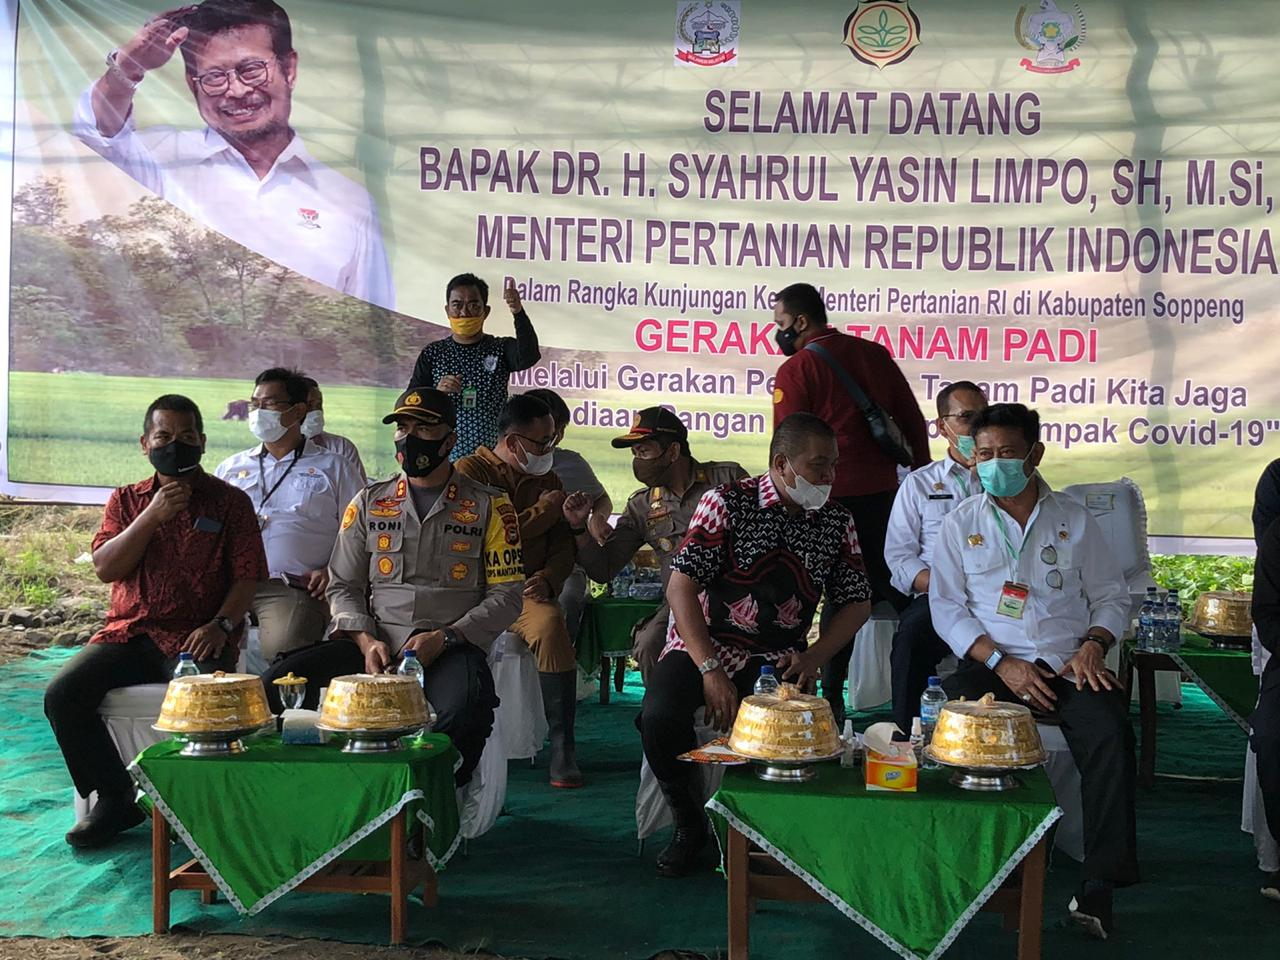 Kapolres, Bupati, dan Forkopimda Sambut Kunjungan Menteri Pertanian RI di Kabupaten Soppeng